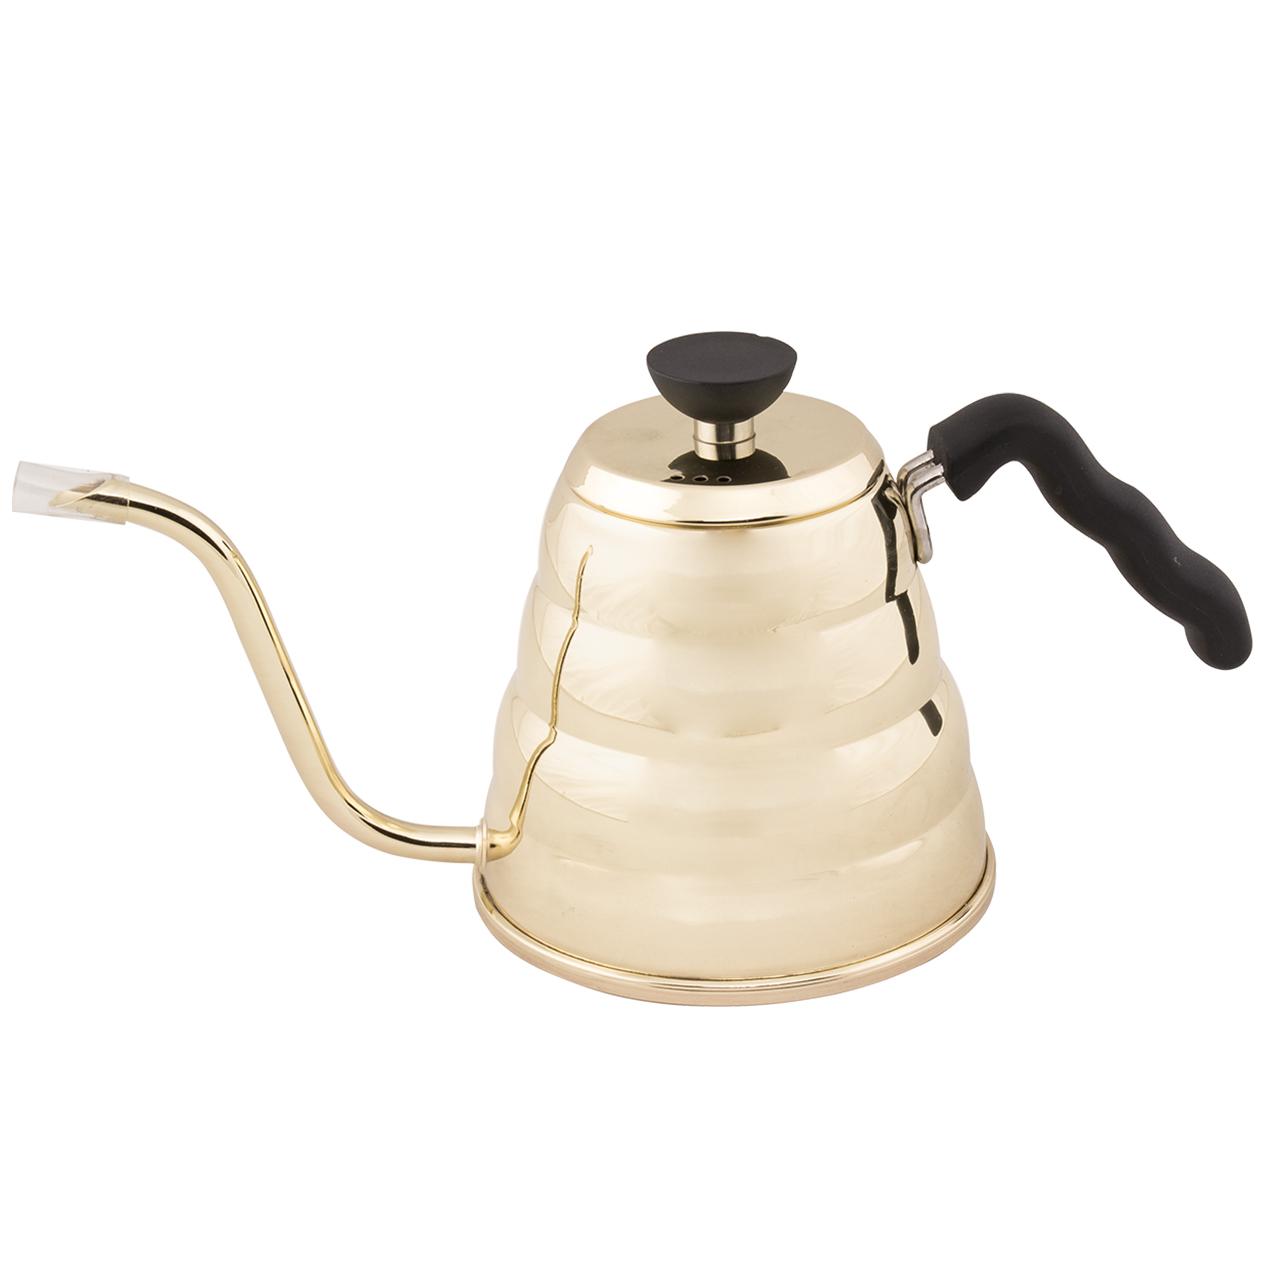 قهوه جوش رومنس مدل BOSTON